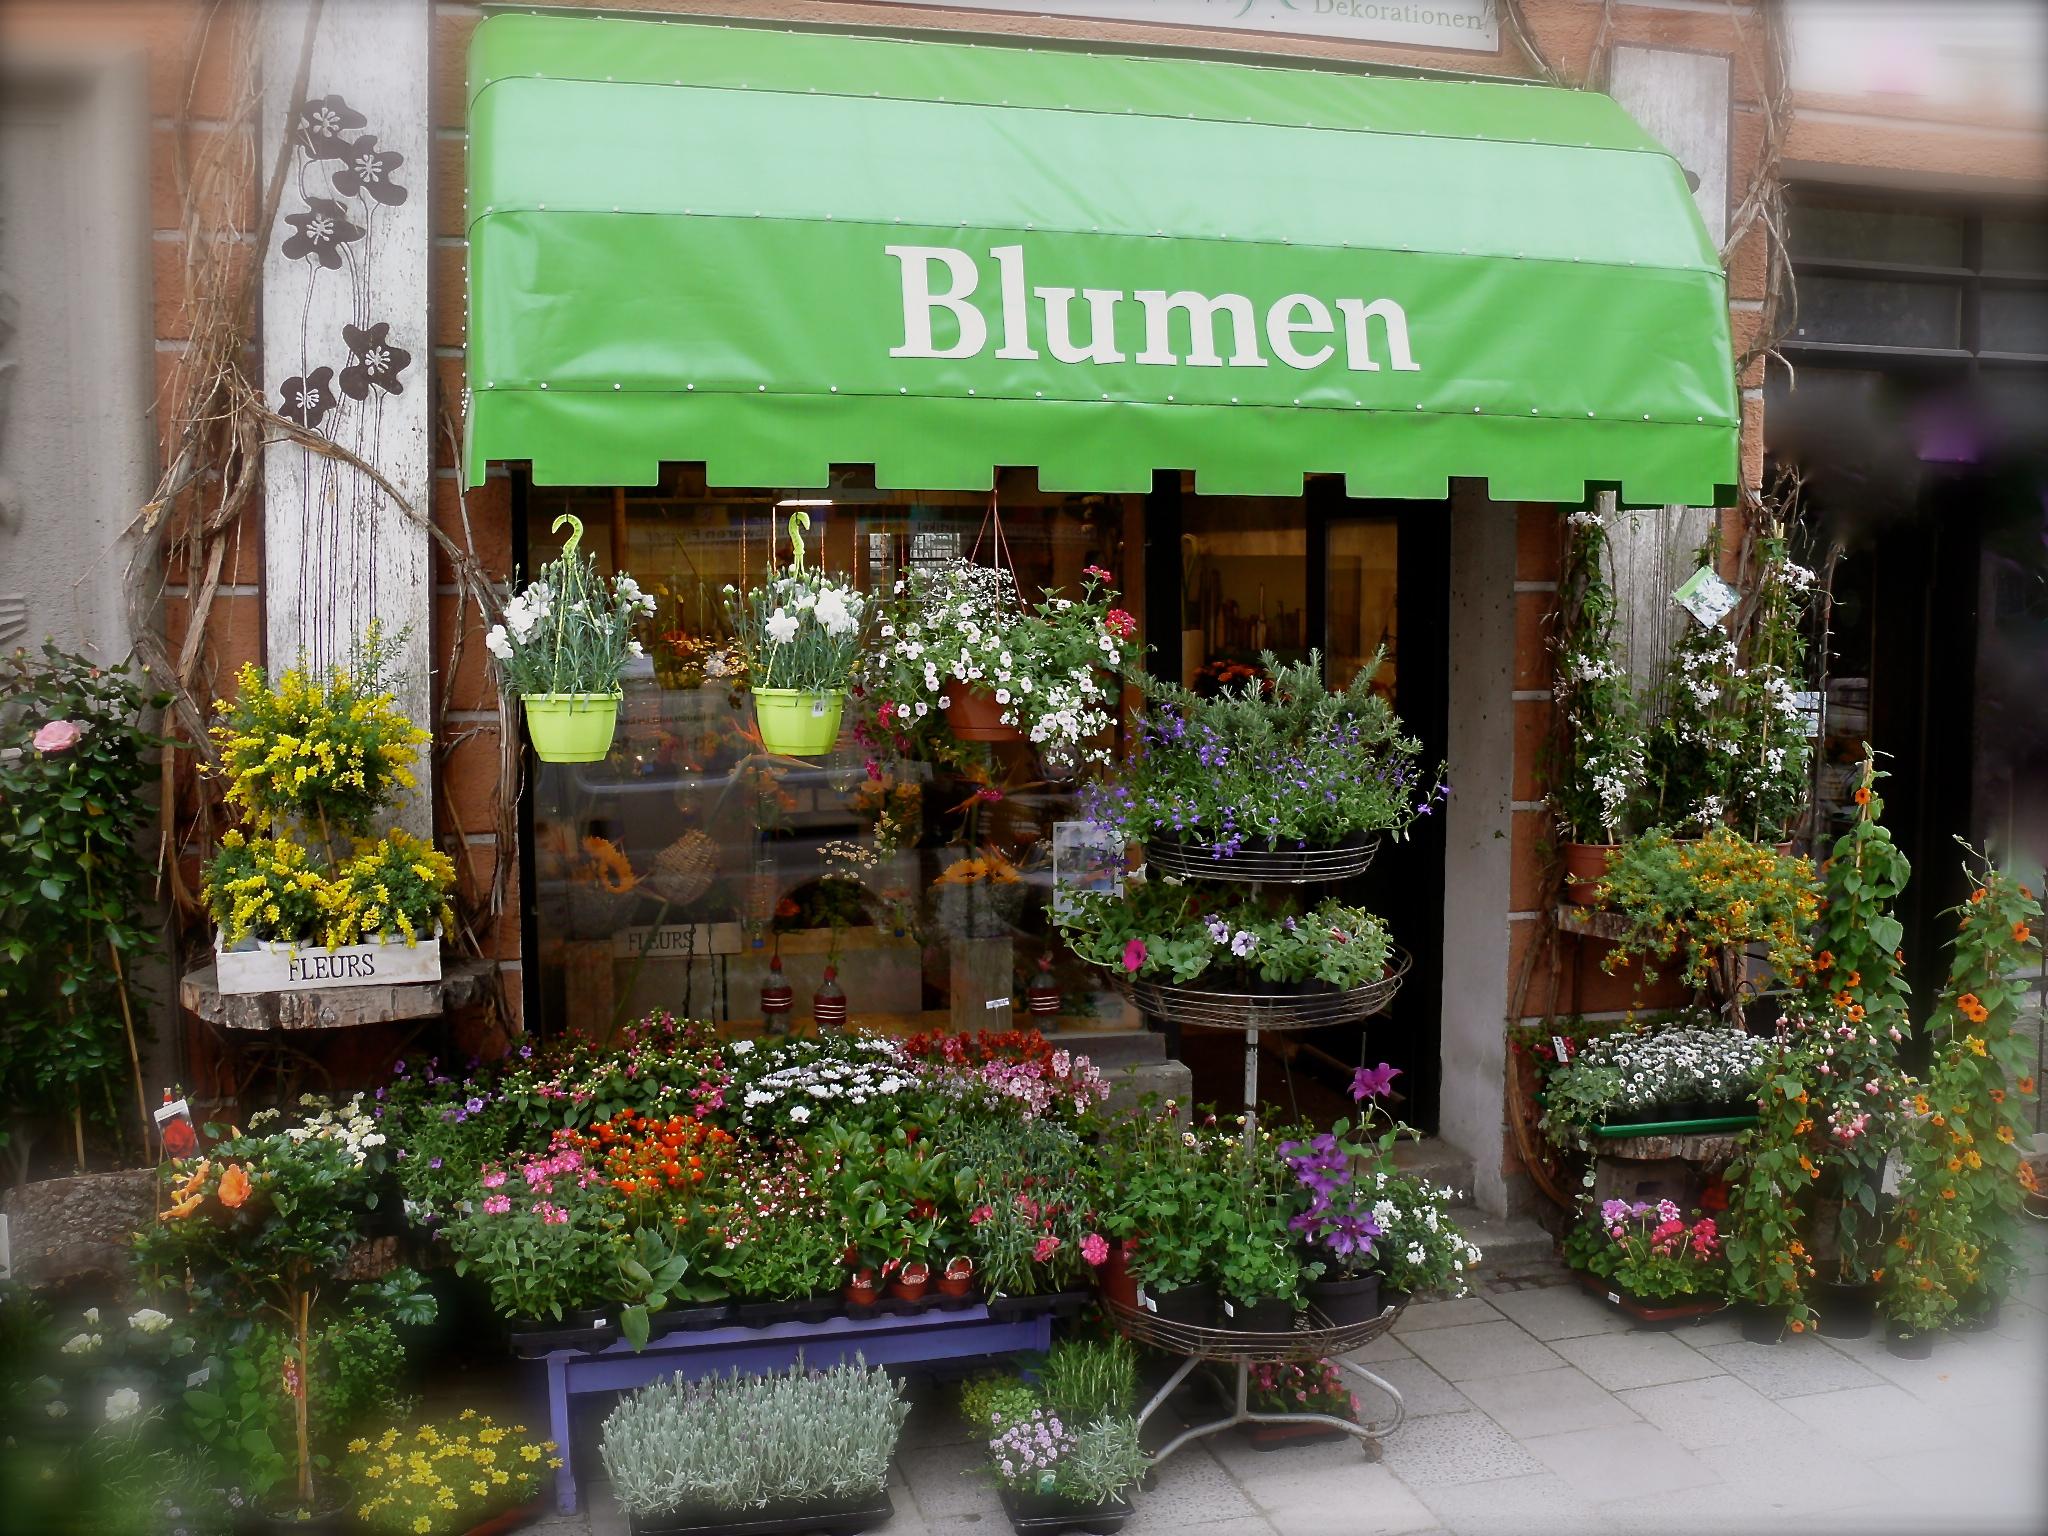 Öffnungszeiten Blumen Schachtner Karl-Theodor-Straße 33